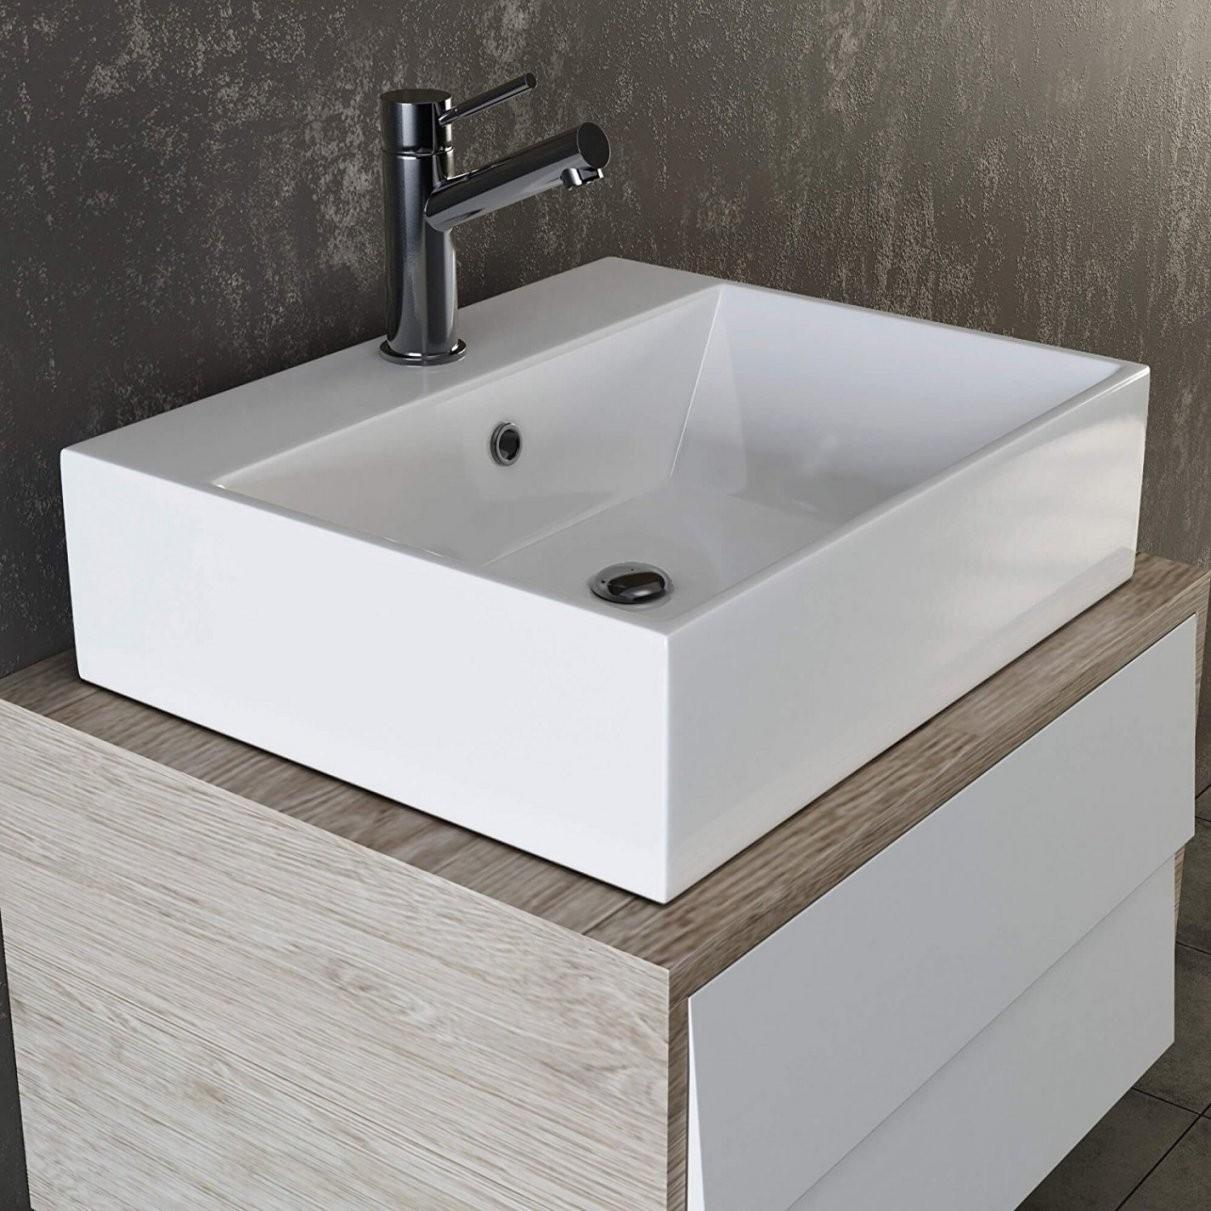 Beliebt Perfekt Waschbecken Eckig Klein Va21 Hitoiro Von Waschtisch von Waschbecken Klein Eckig Photo